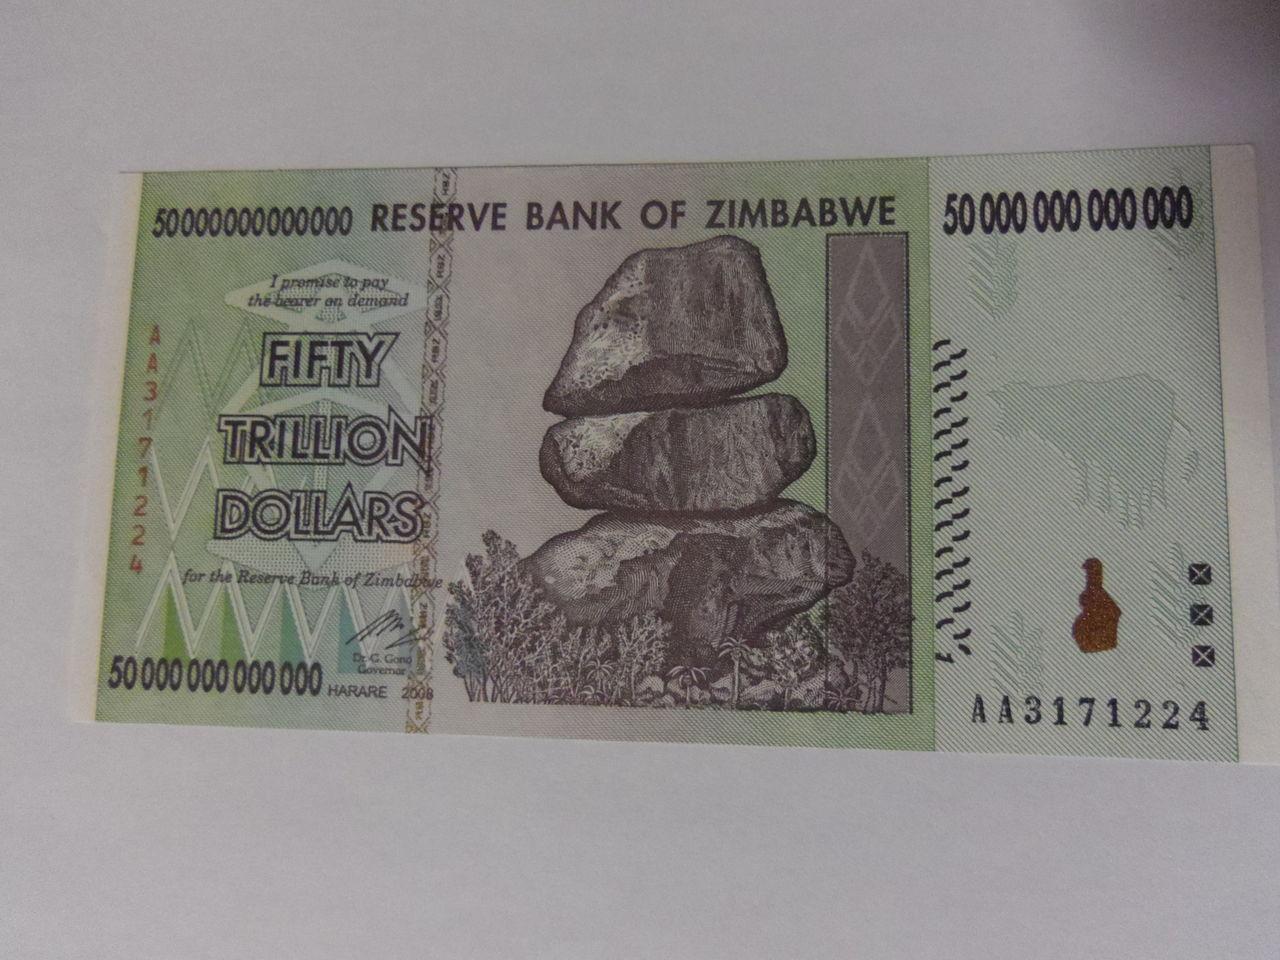 50 Trillones de dólares zimbabuenses, Zimbabue 2008. IMGP3015